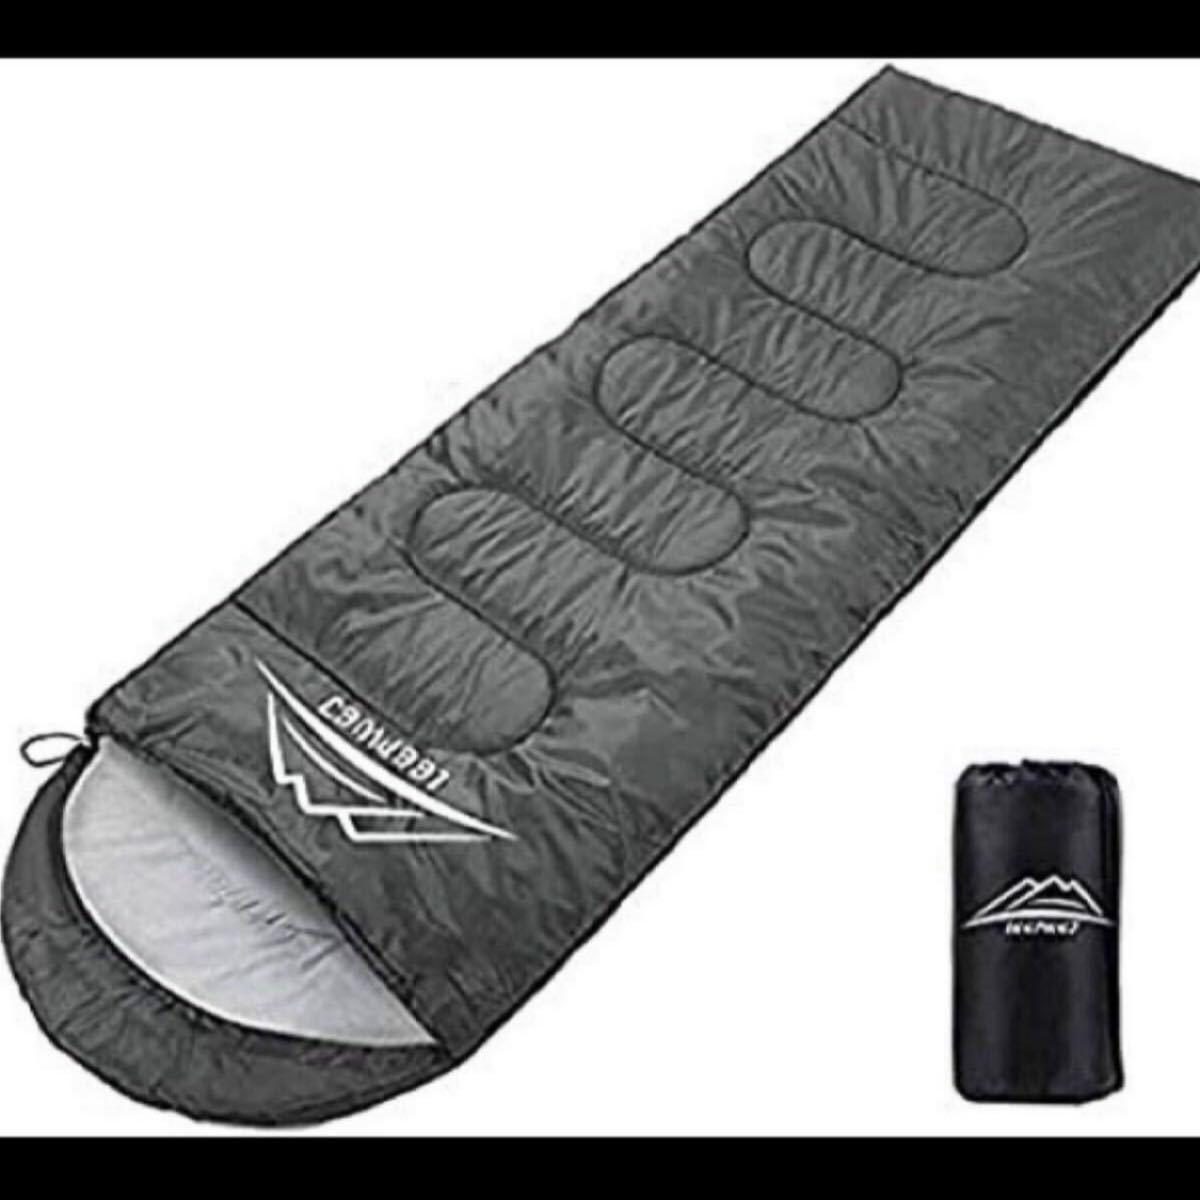 最新版]寝袋 封筒型 軽量 保温 210T防水シュラフ コンパクト